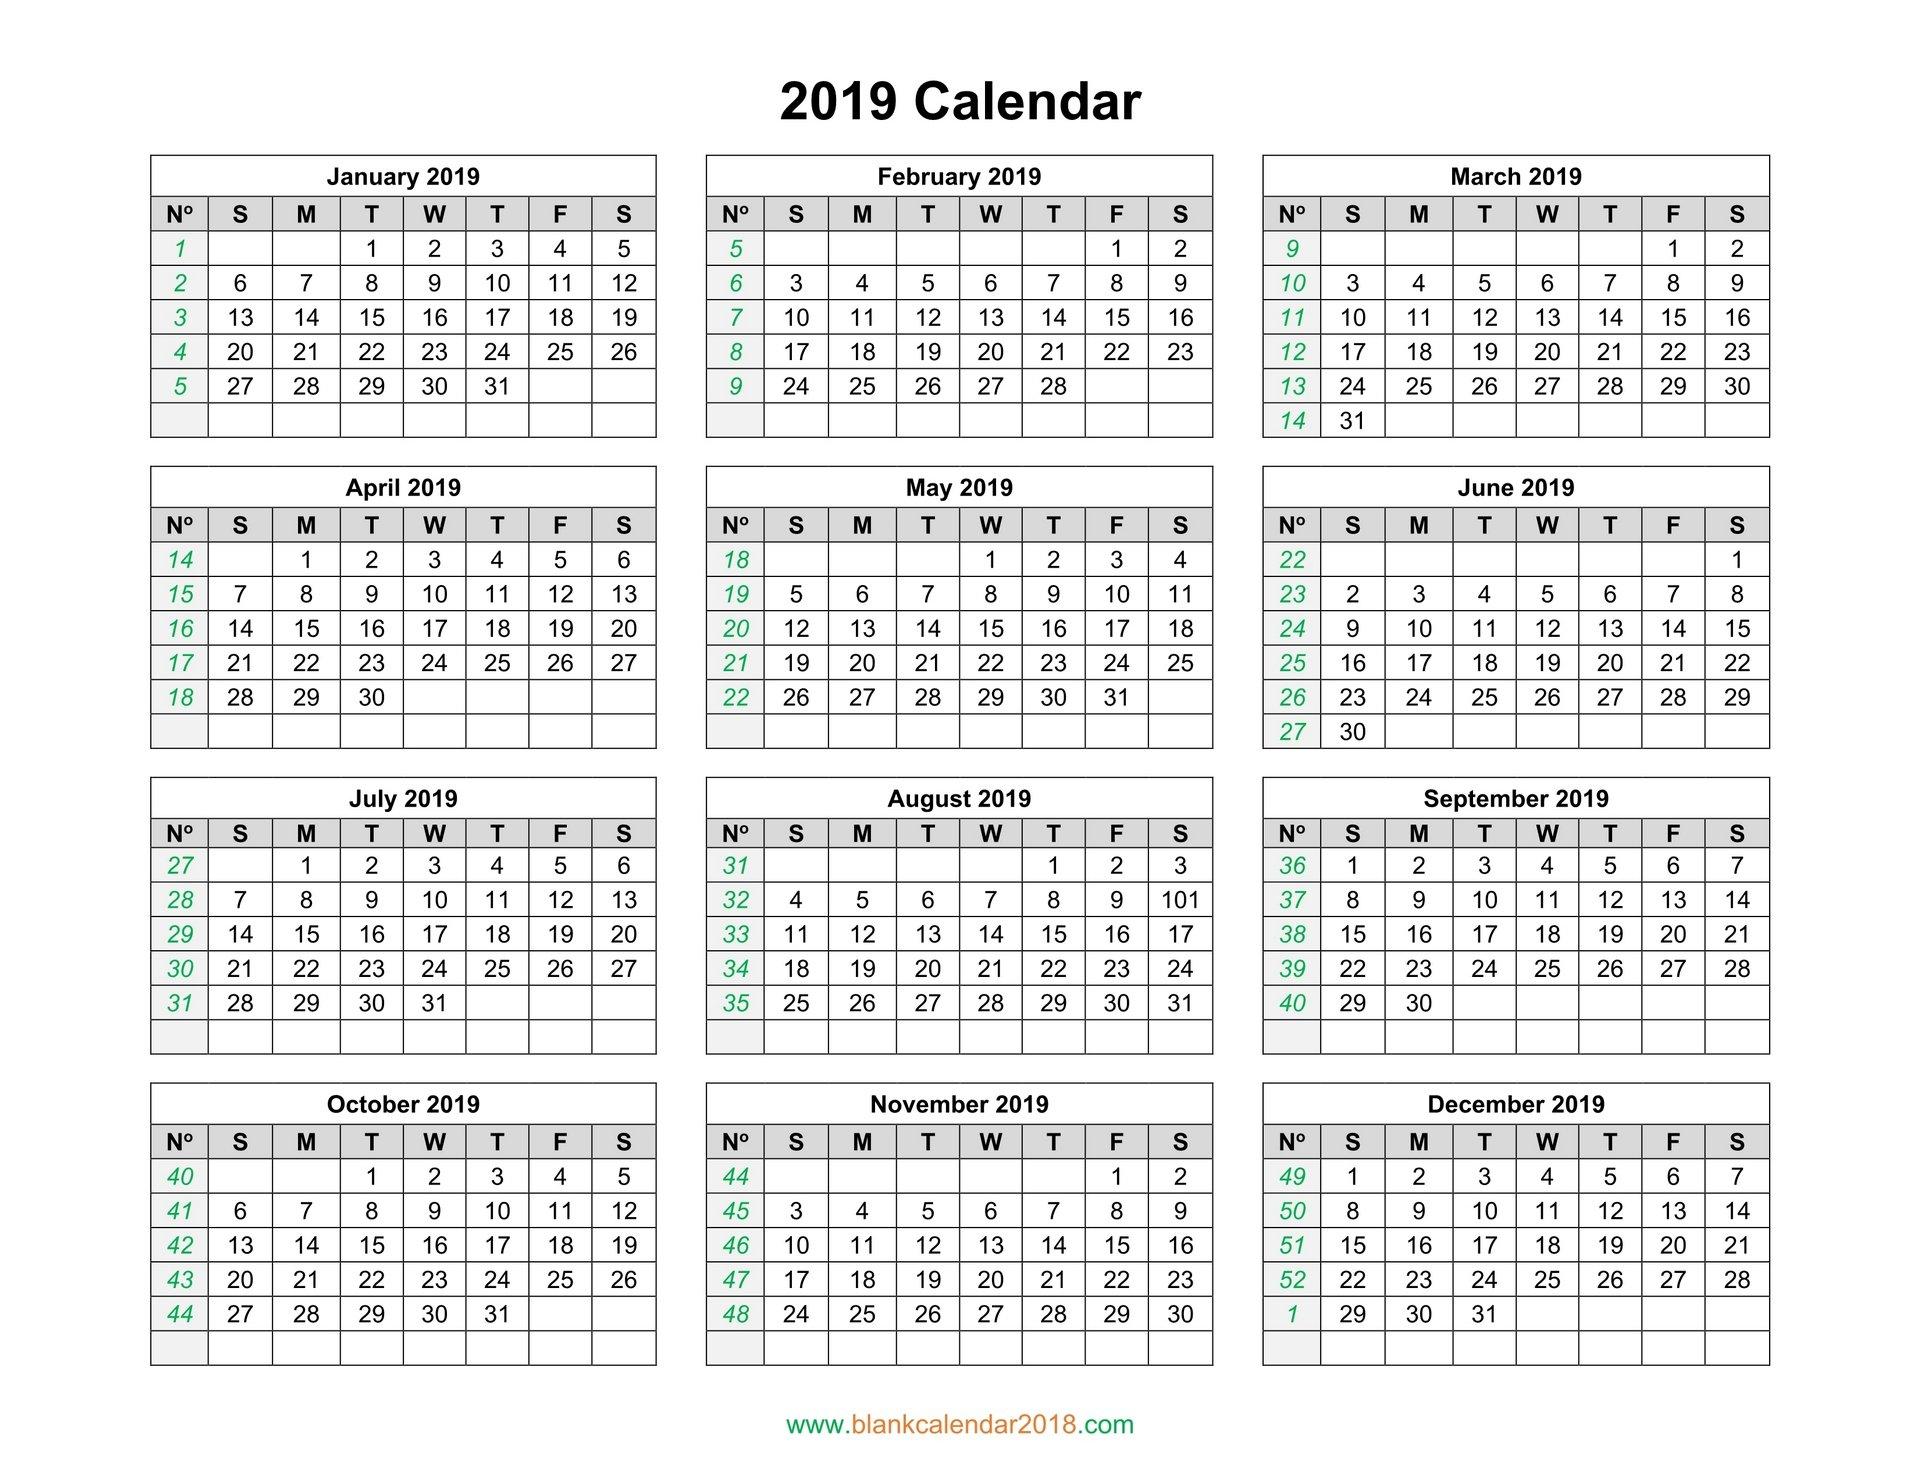 Blank Calendar 2019 Calendar 2019 Blank